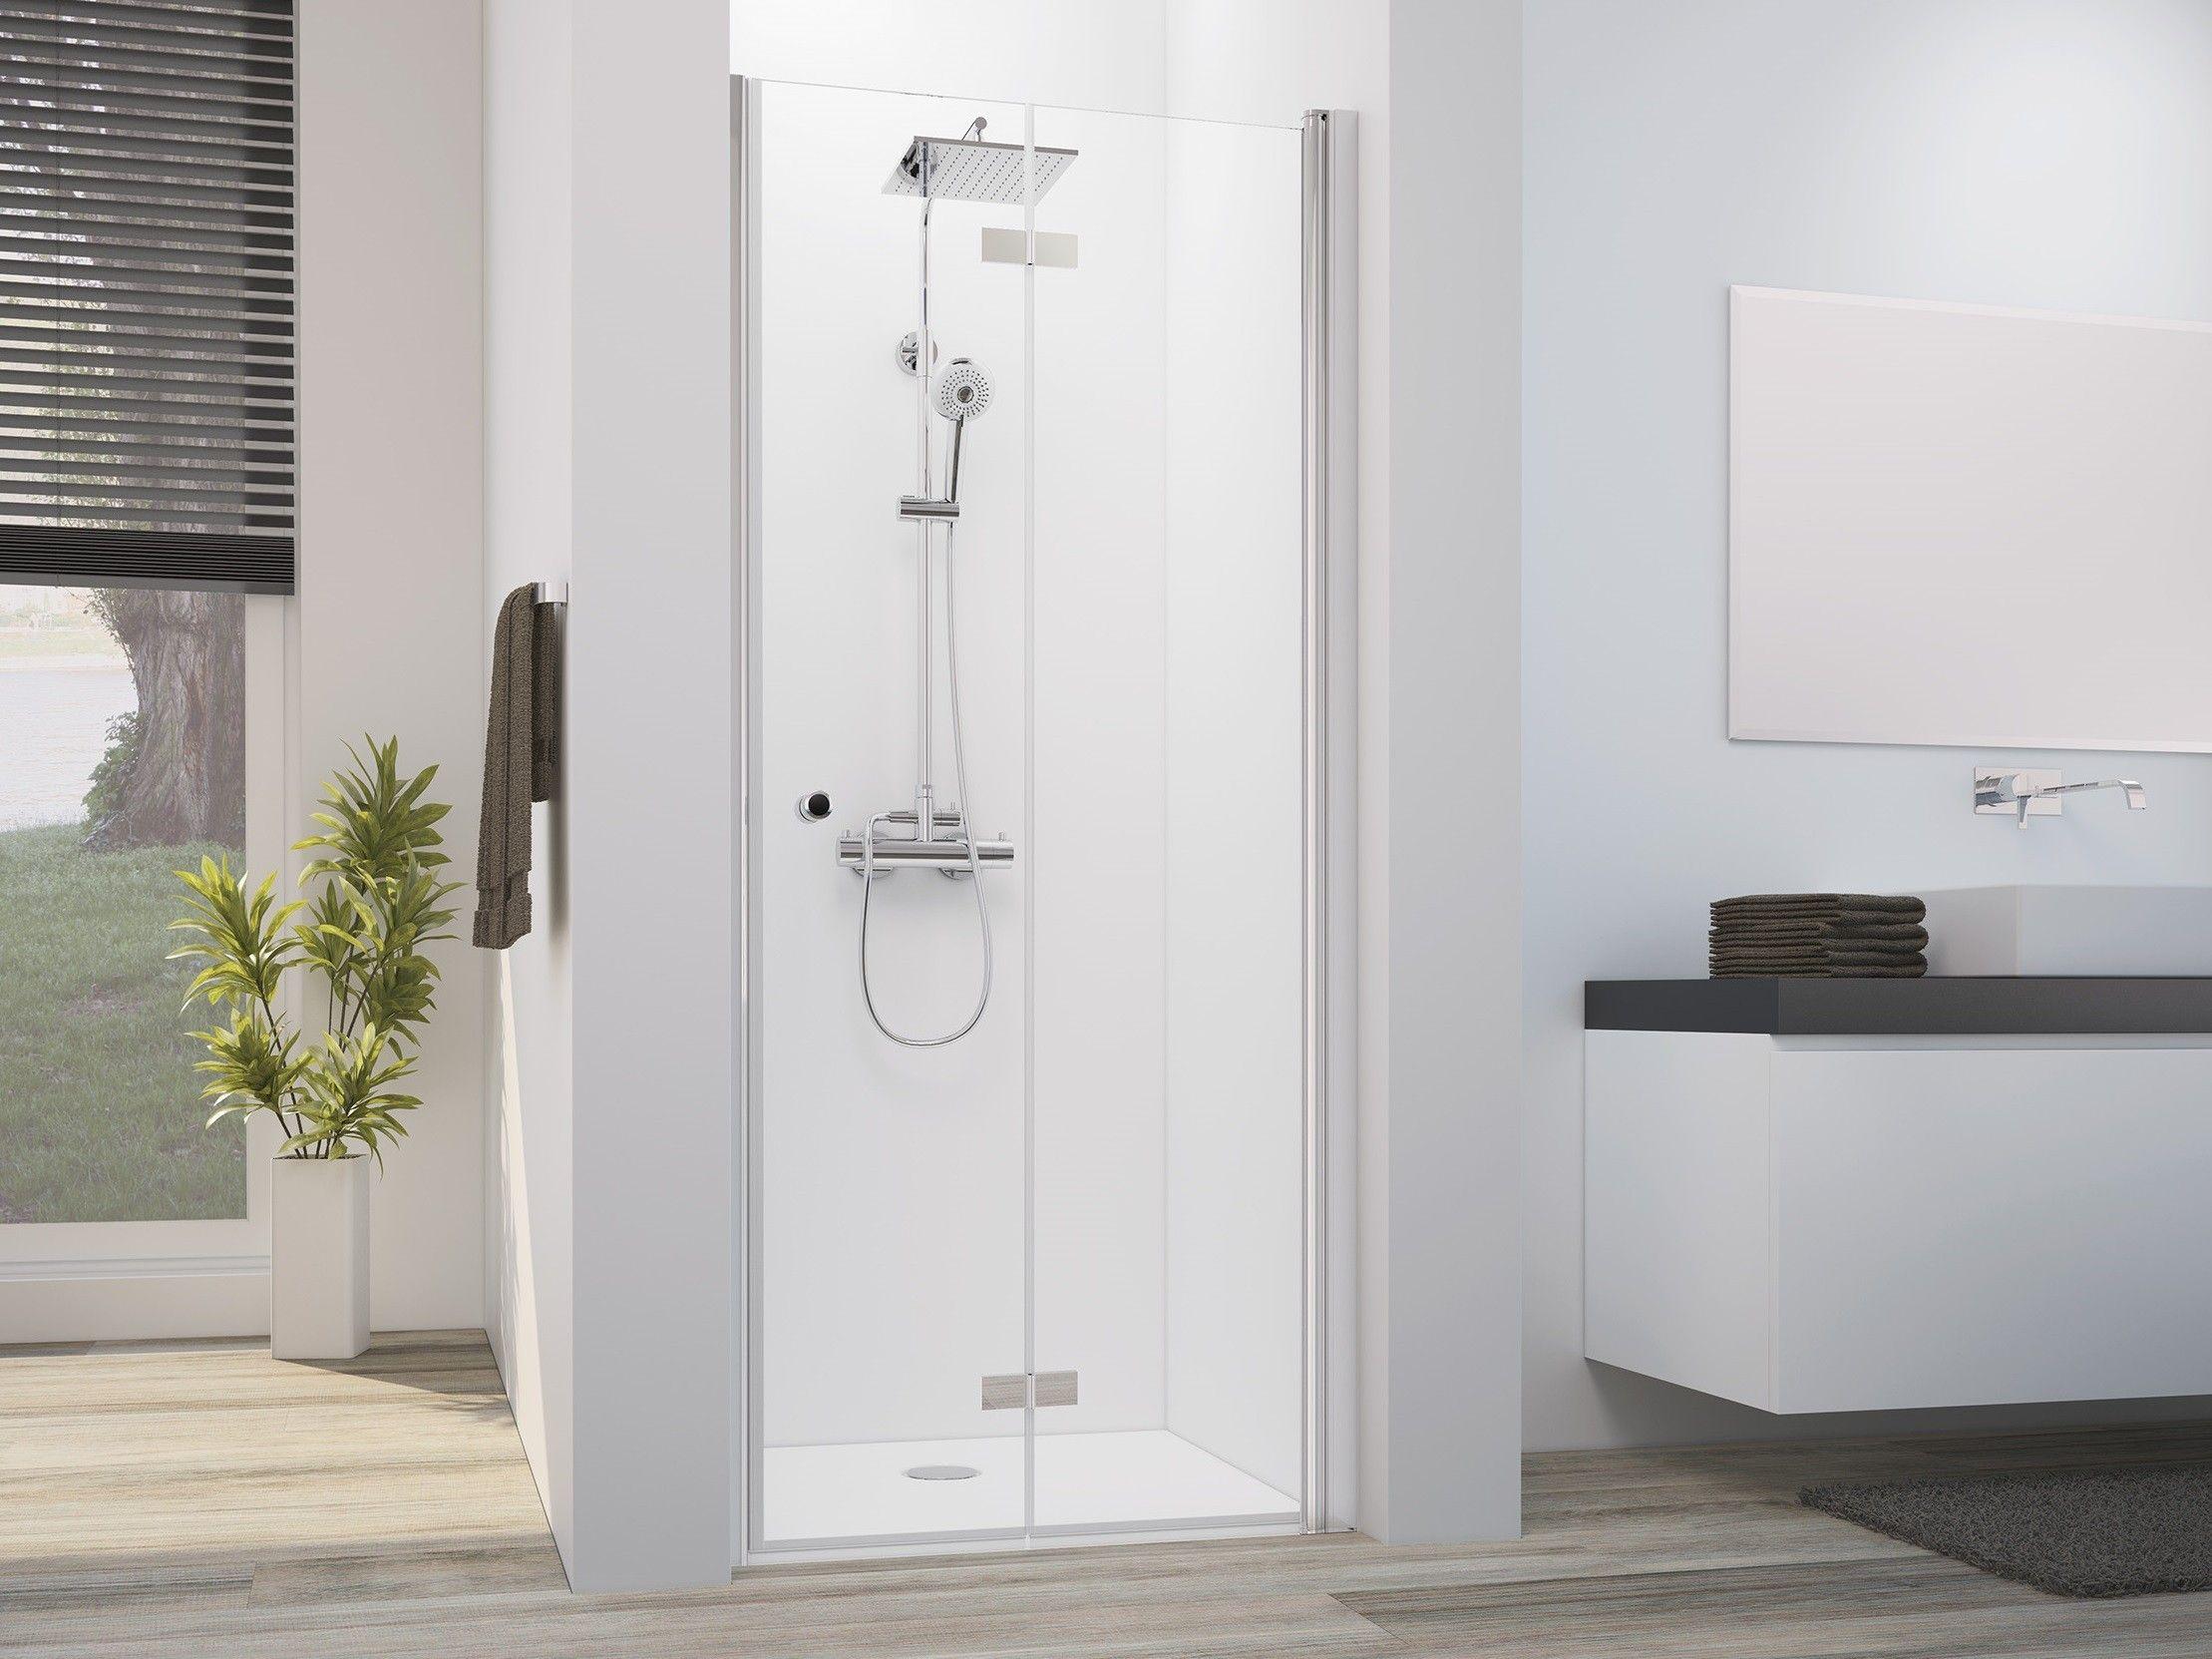 Dusche Drehfalttur Nische 70 X 220 Cm Bad Design Heizung Dusche Bad Design Duschabtrennung